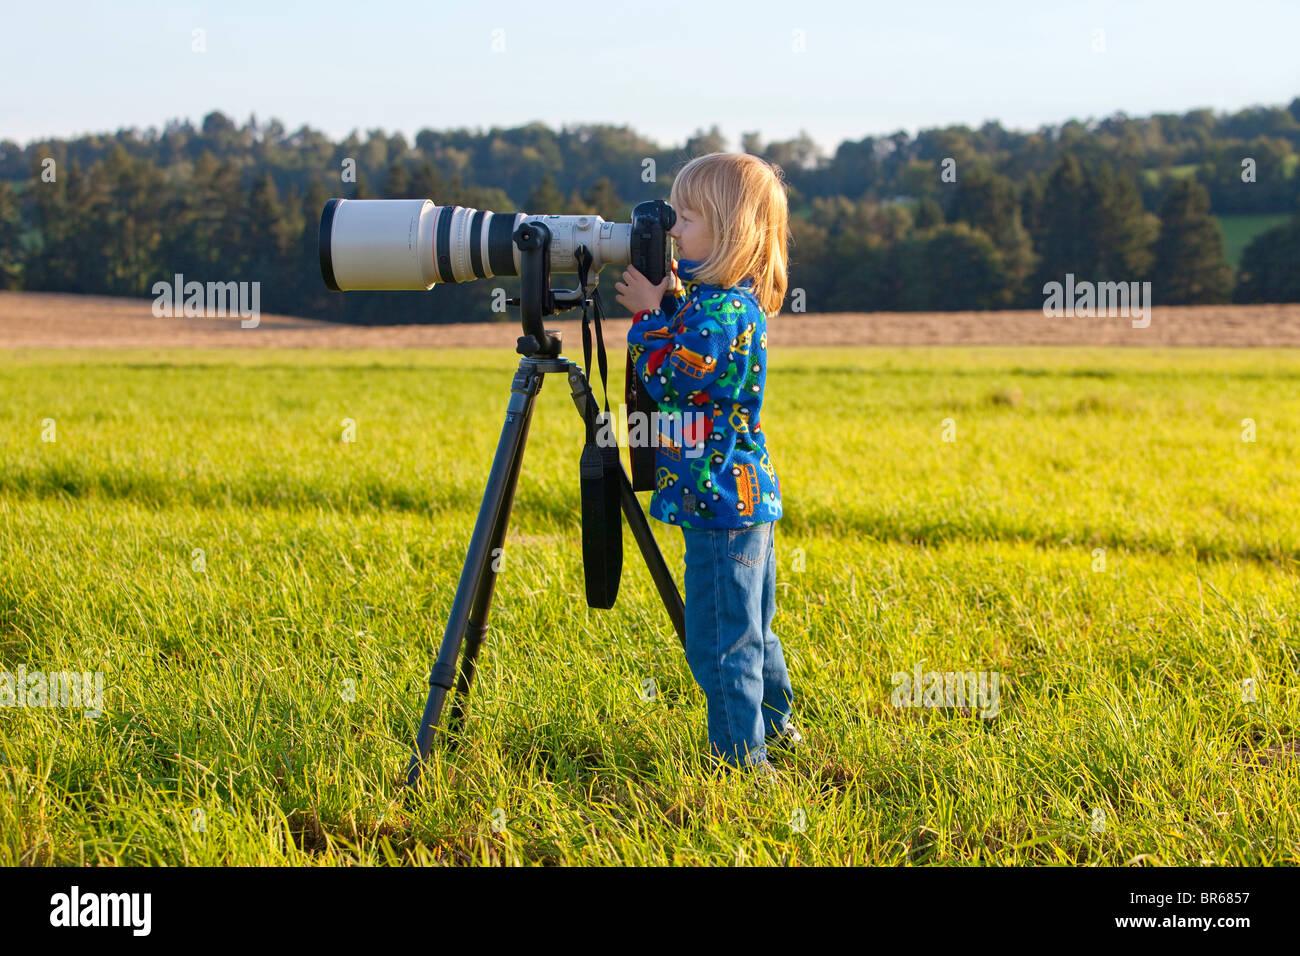 Ragazzo che guarda attraverso super teleobiettivo sulla fotocamera digitale Immagini Stock